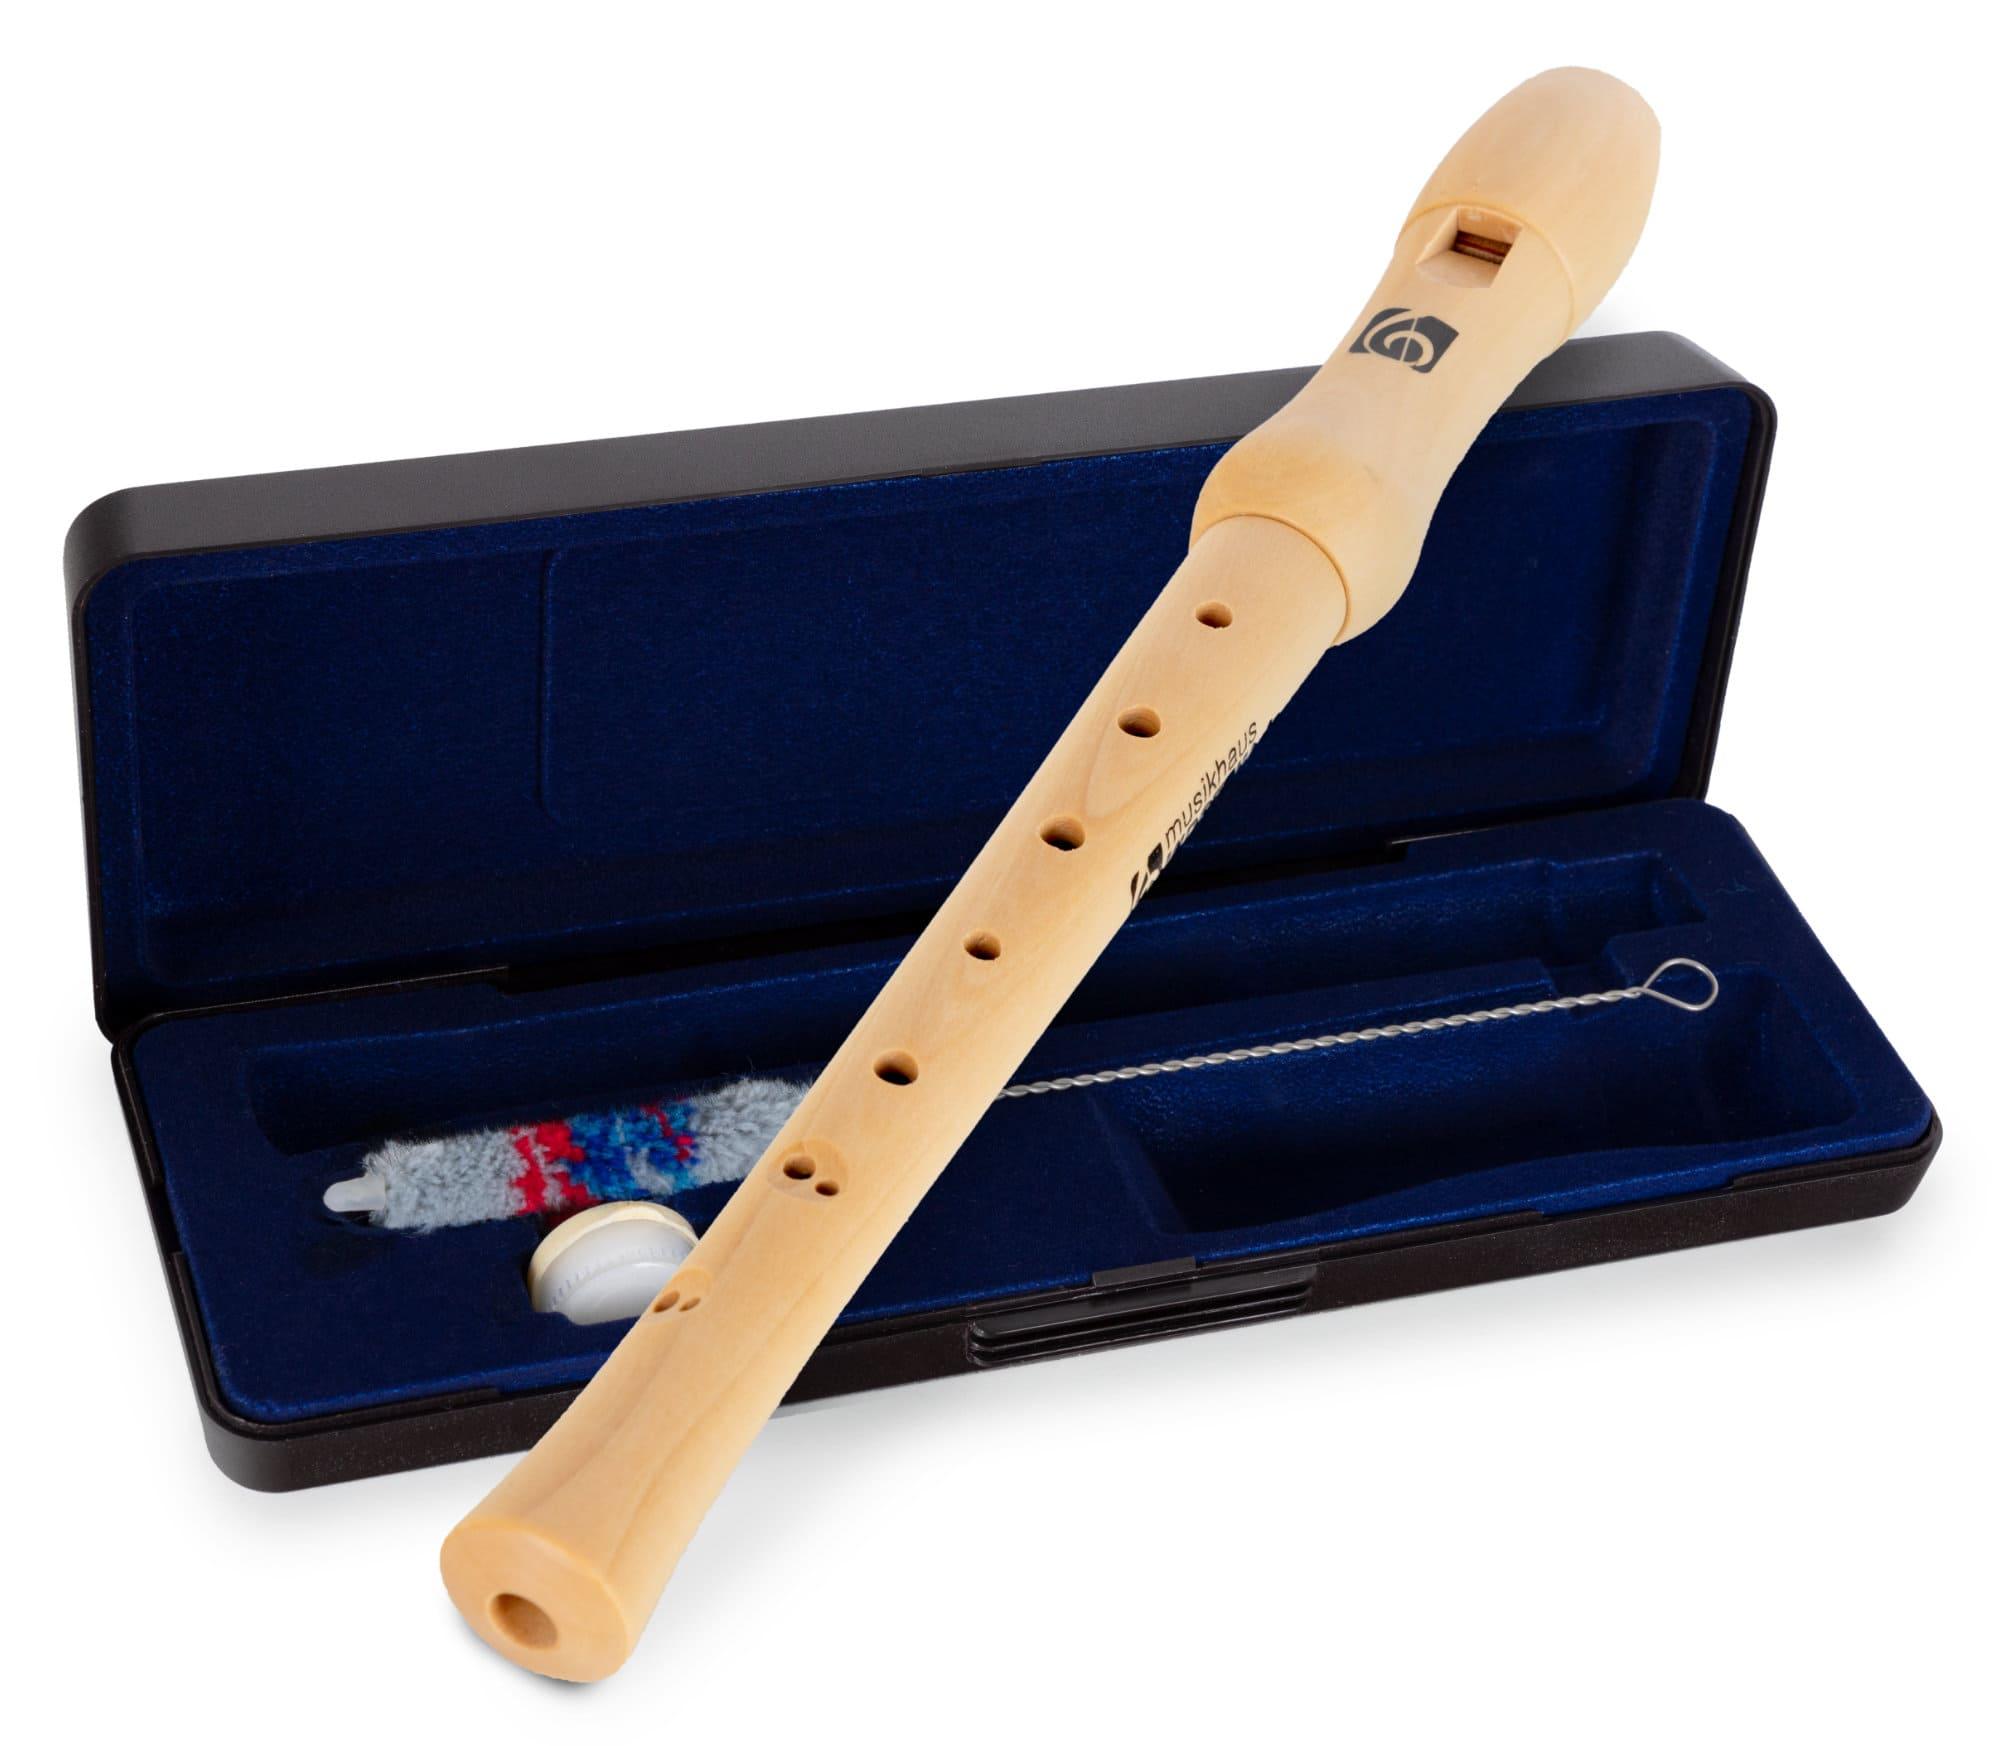 Sonstigeblasinstrumente - Kirstein C Sopran Blockflöte, barock, Ahorn - Onlineshop Musikhaus Kirstein